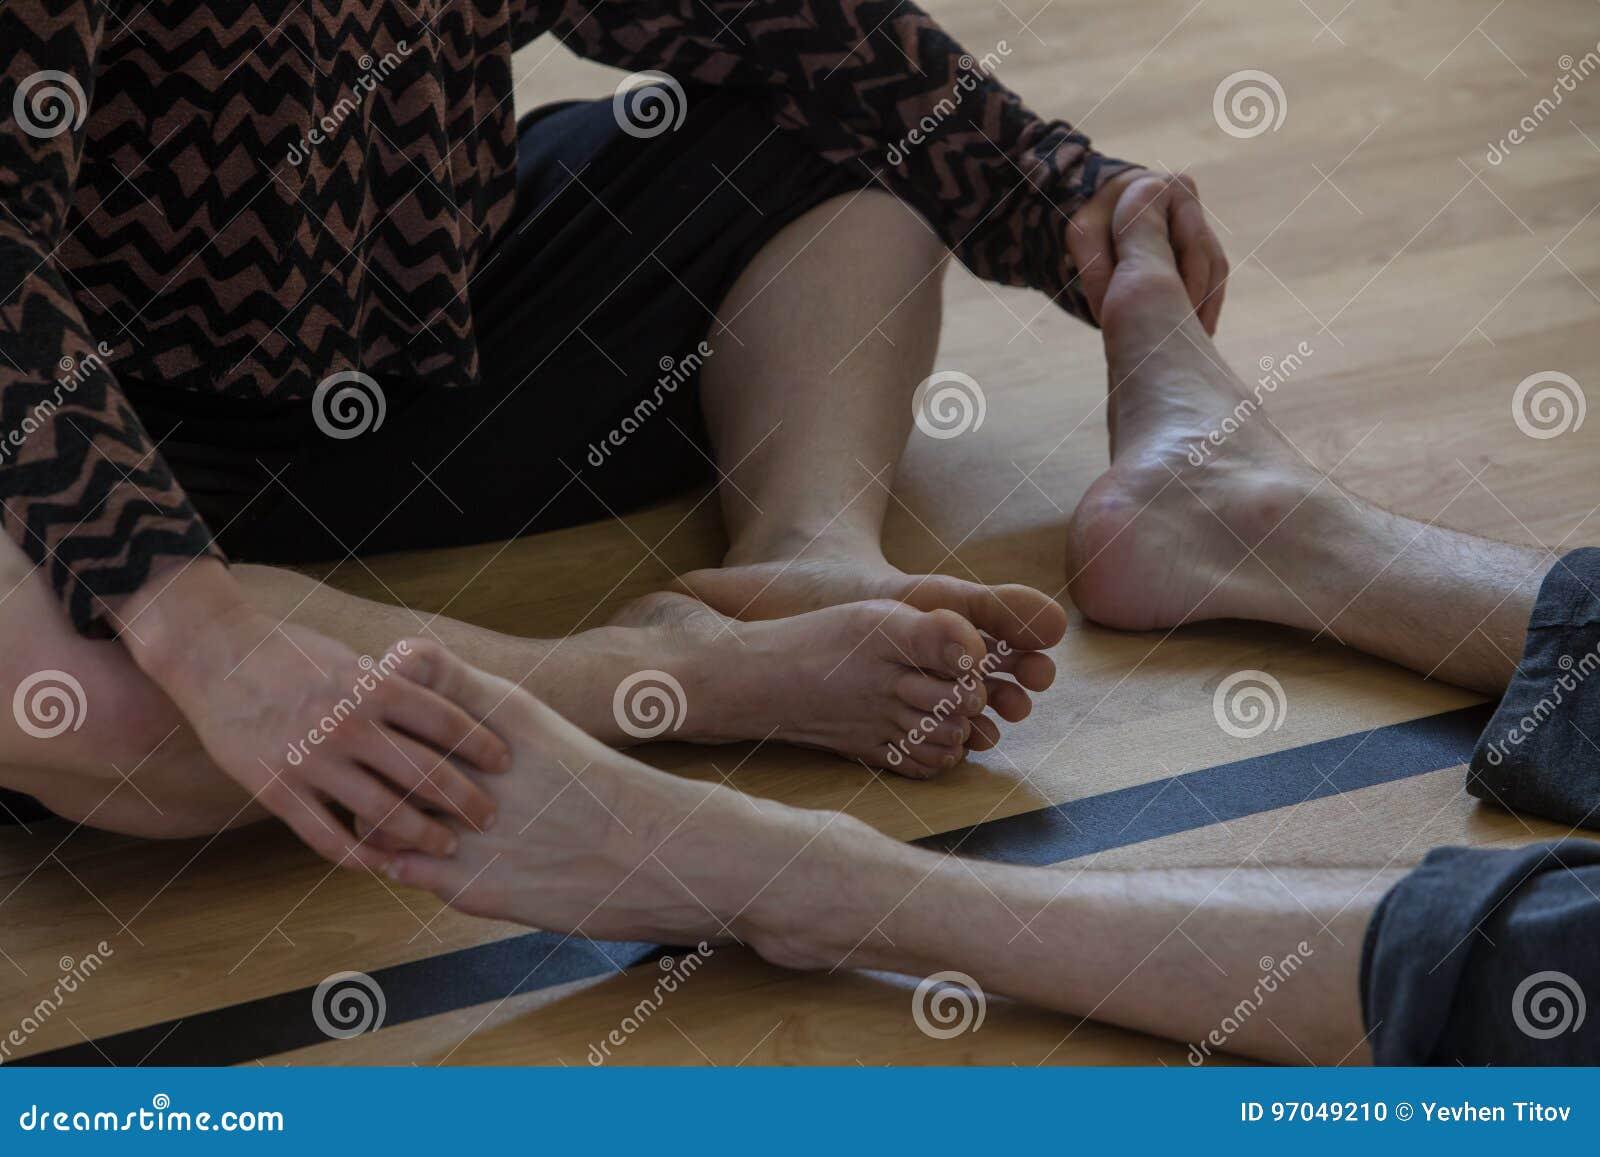 Tänzer bezahlt, mit Beine, die Tänzer in Verbindung treten, auf Boden